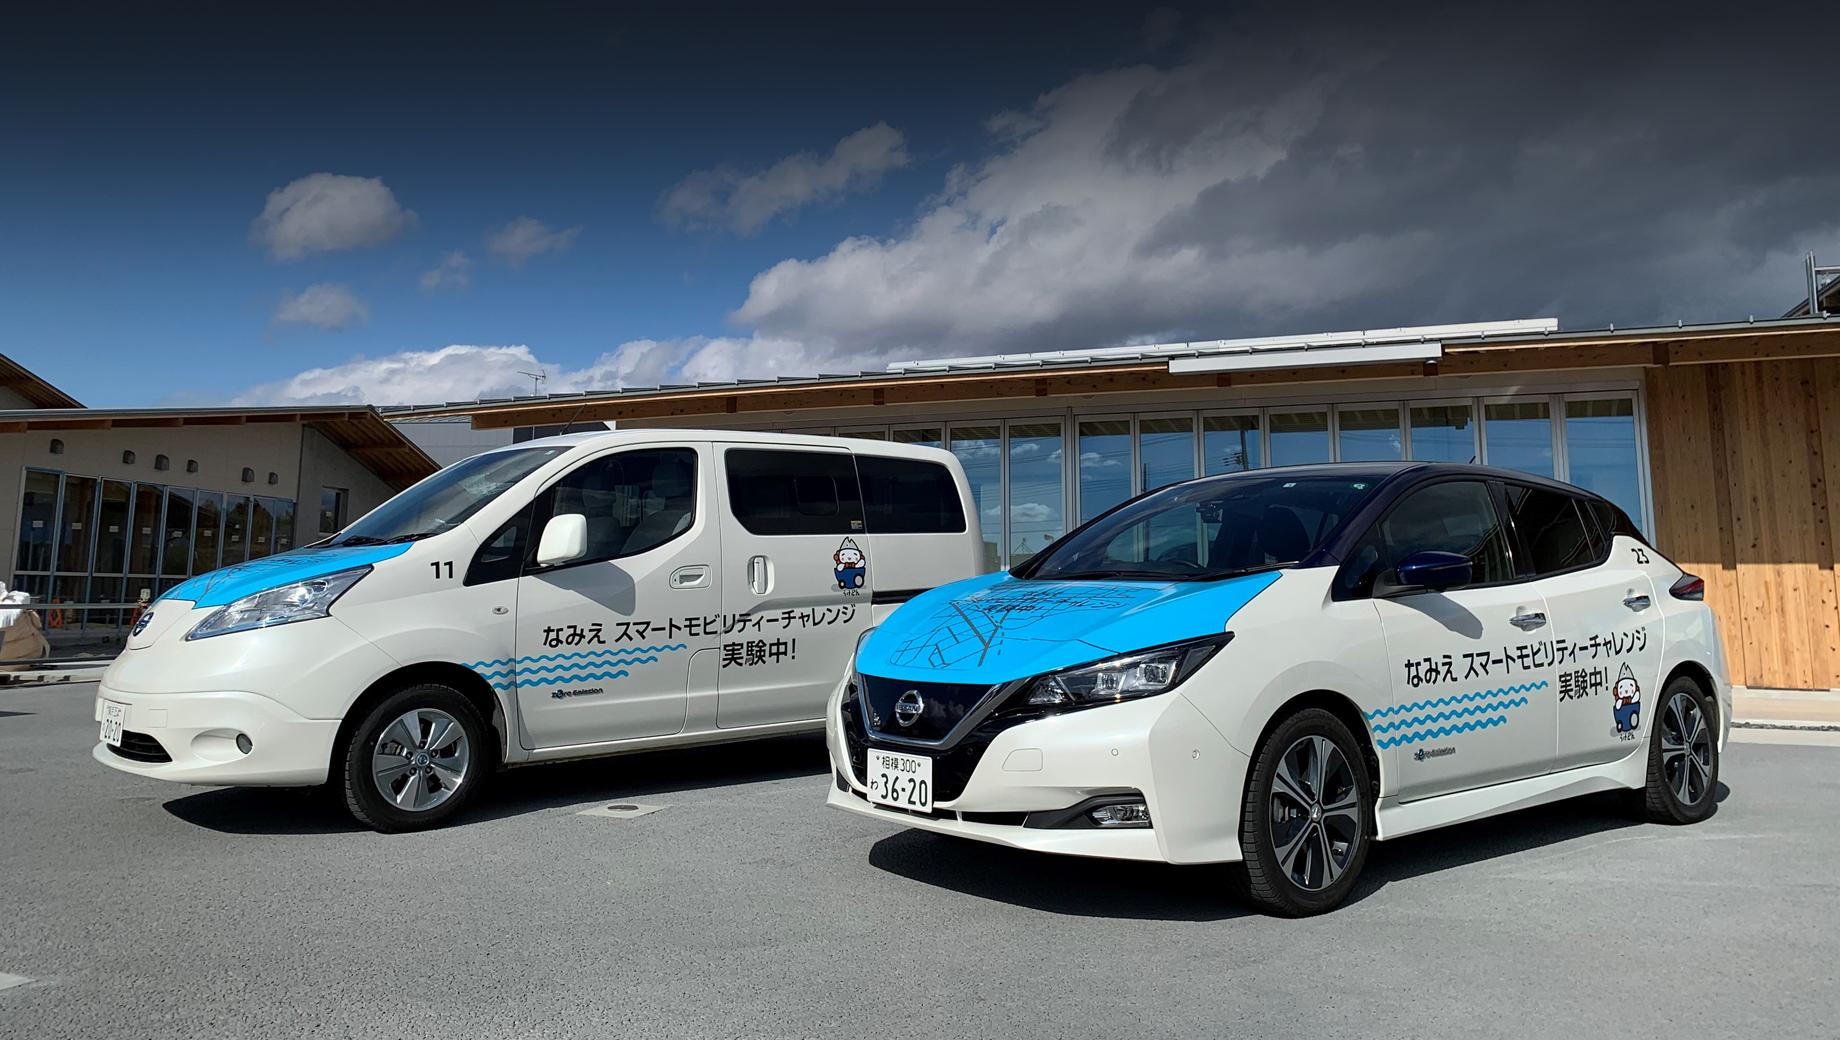 Nissan leaf,Nissan e-nv200. Nissan e-NV200 может пройти на одной зарядке 200 км по стандарту WLTP, а Leaf — 270 или 385 км, в зависимости от батареи. Однако в новом опыте это не будет иметь значения, поскольку все поездки окажутся сравнительно короткими.